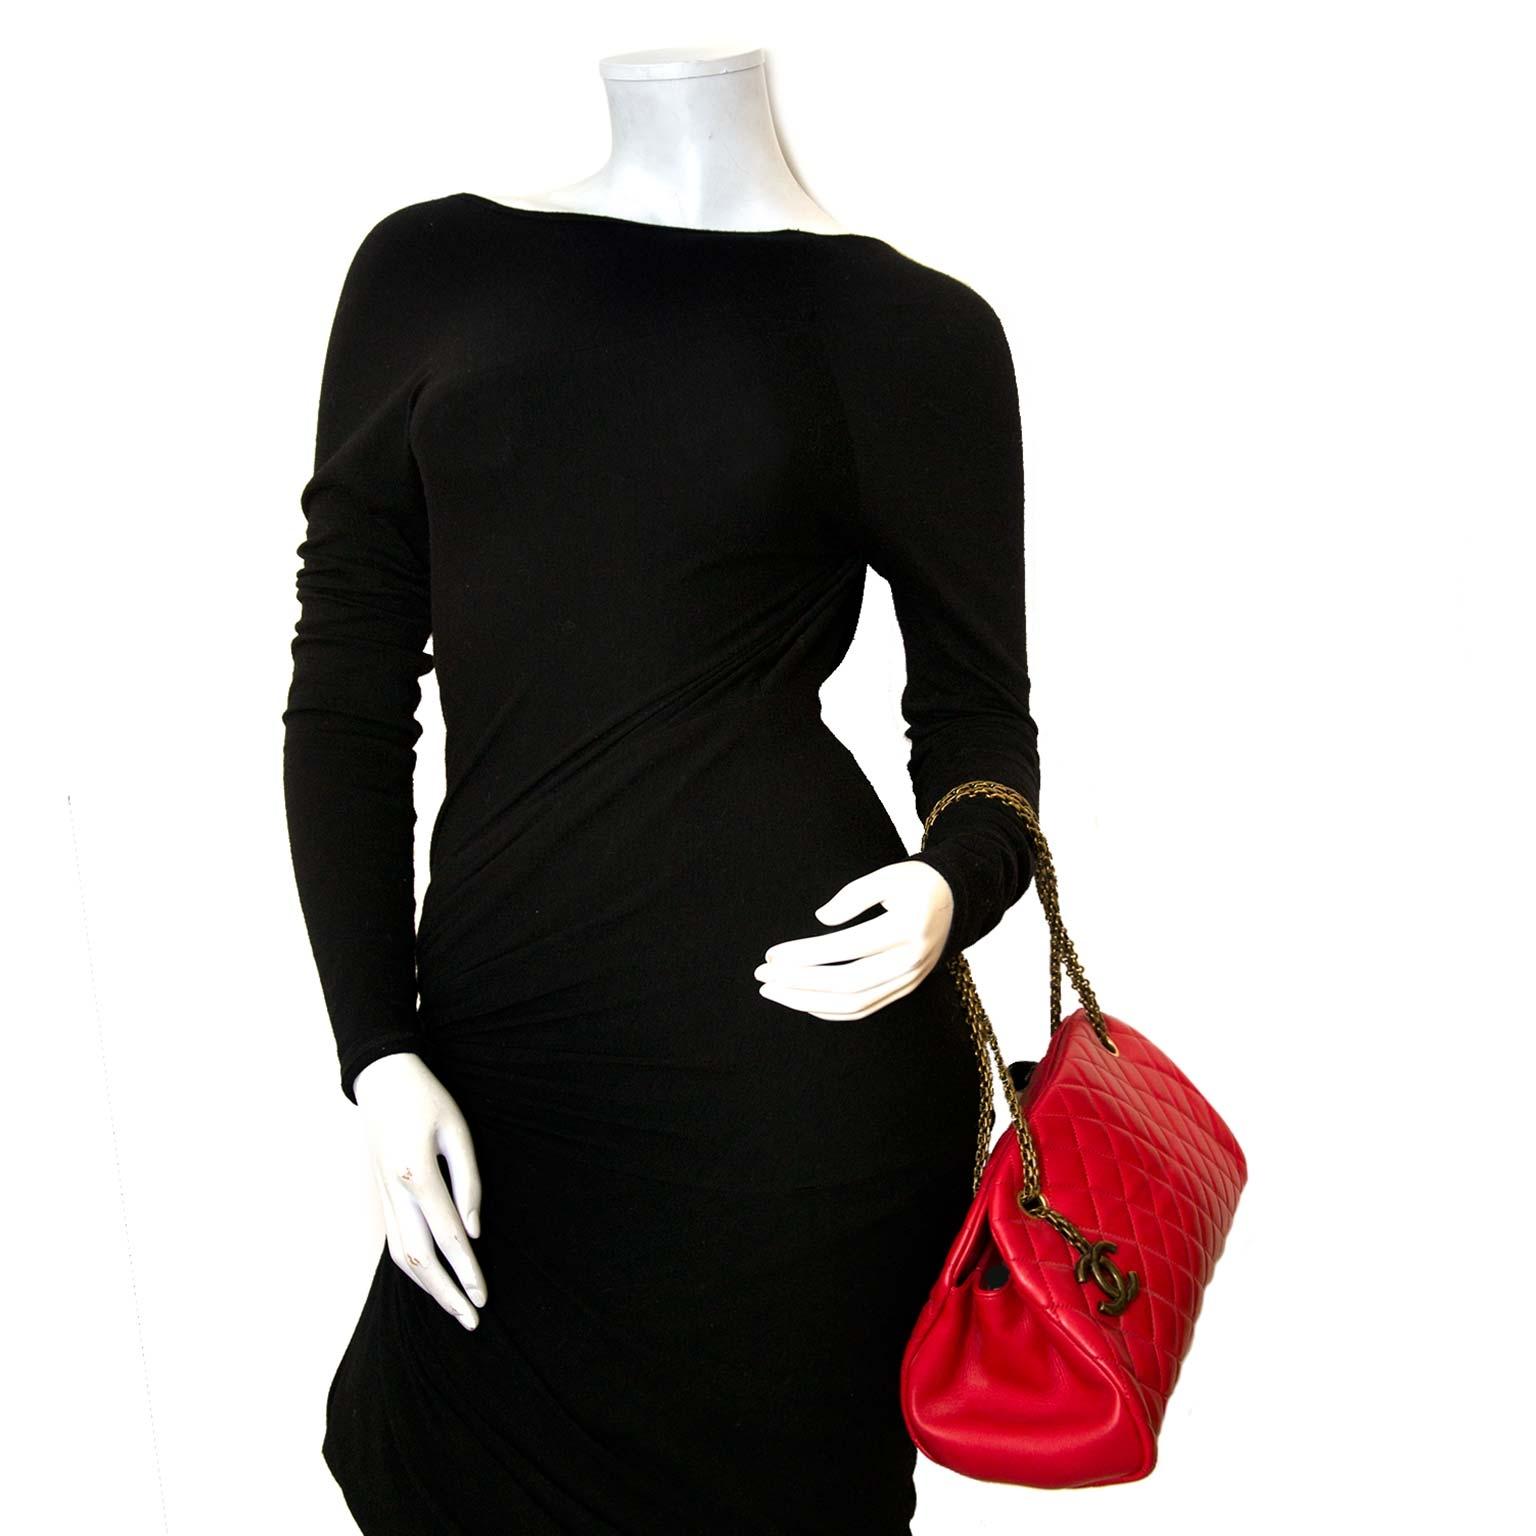 koop authentieke chanel tassen bij labellov vintage mode webshop belgië